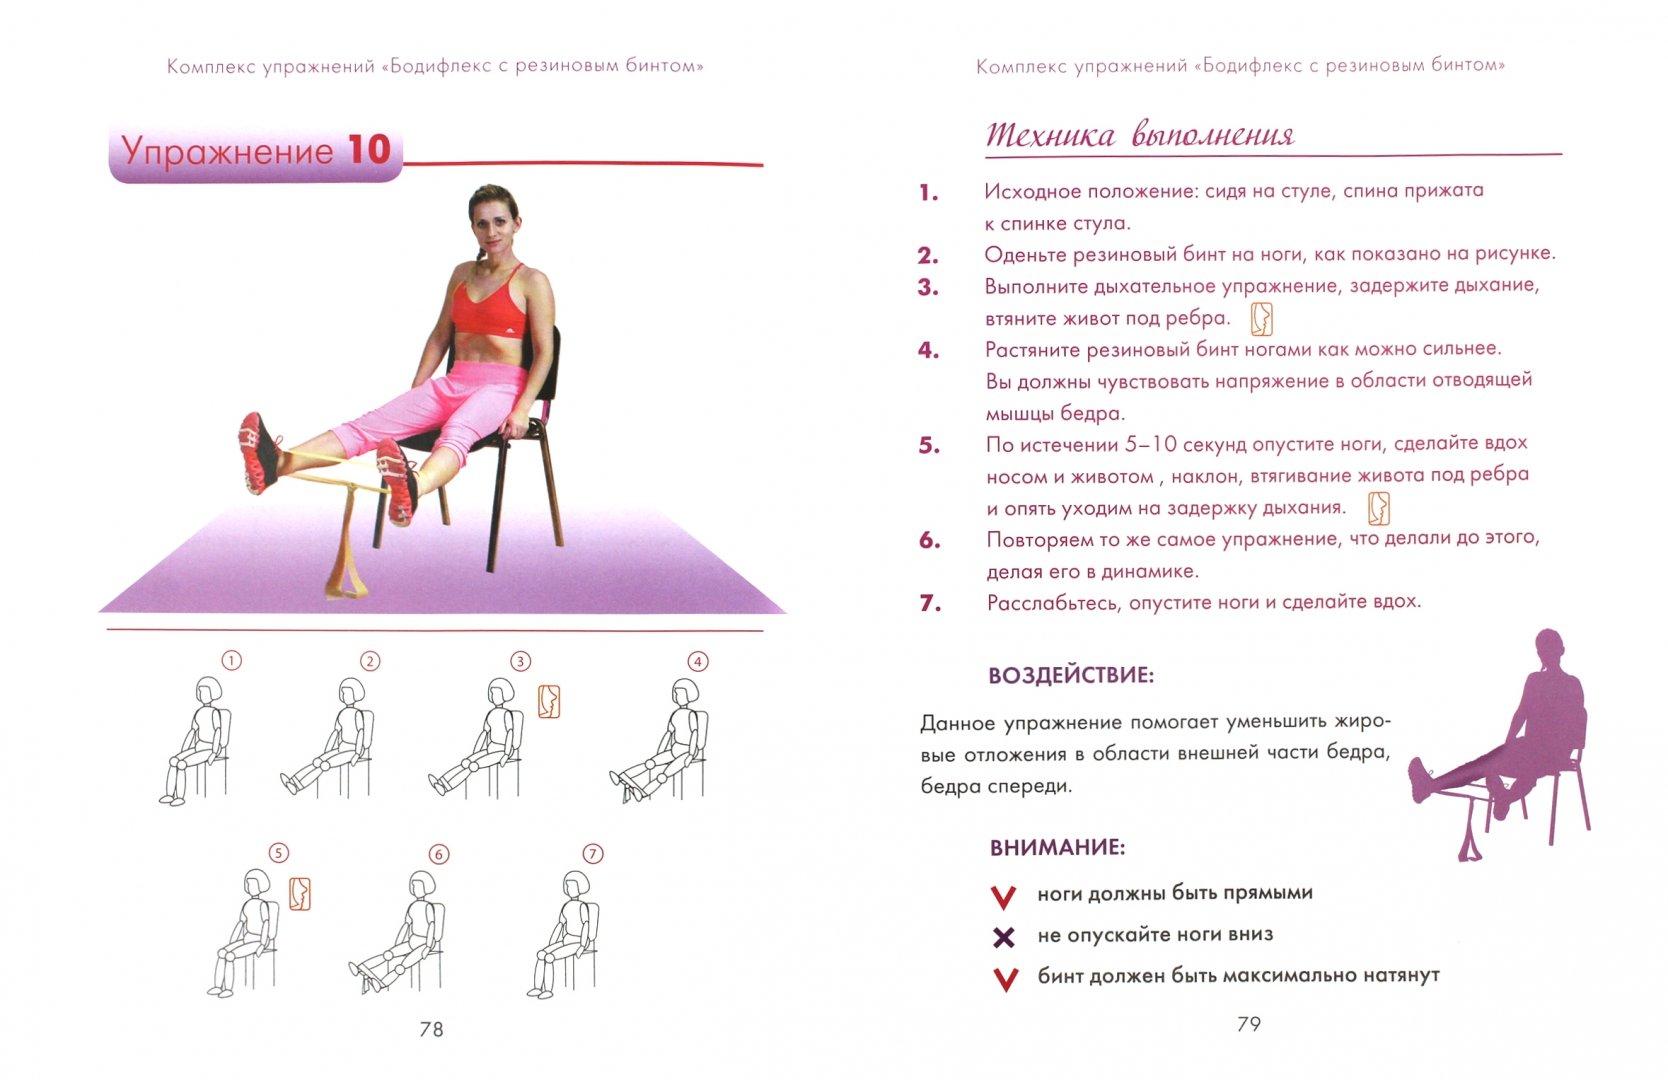 Иллюстрация 1 из 42 для Бодифлекс 2-ной эффект: похудей и будь здорова - Марина Корпан | Лабиринт - книги. Источник: Лабиринт